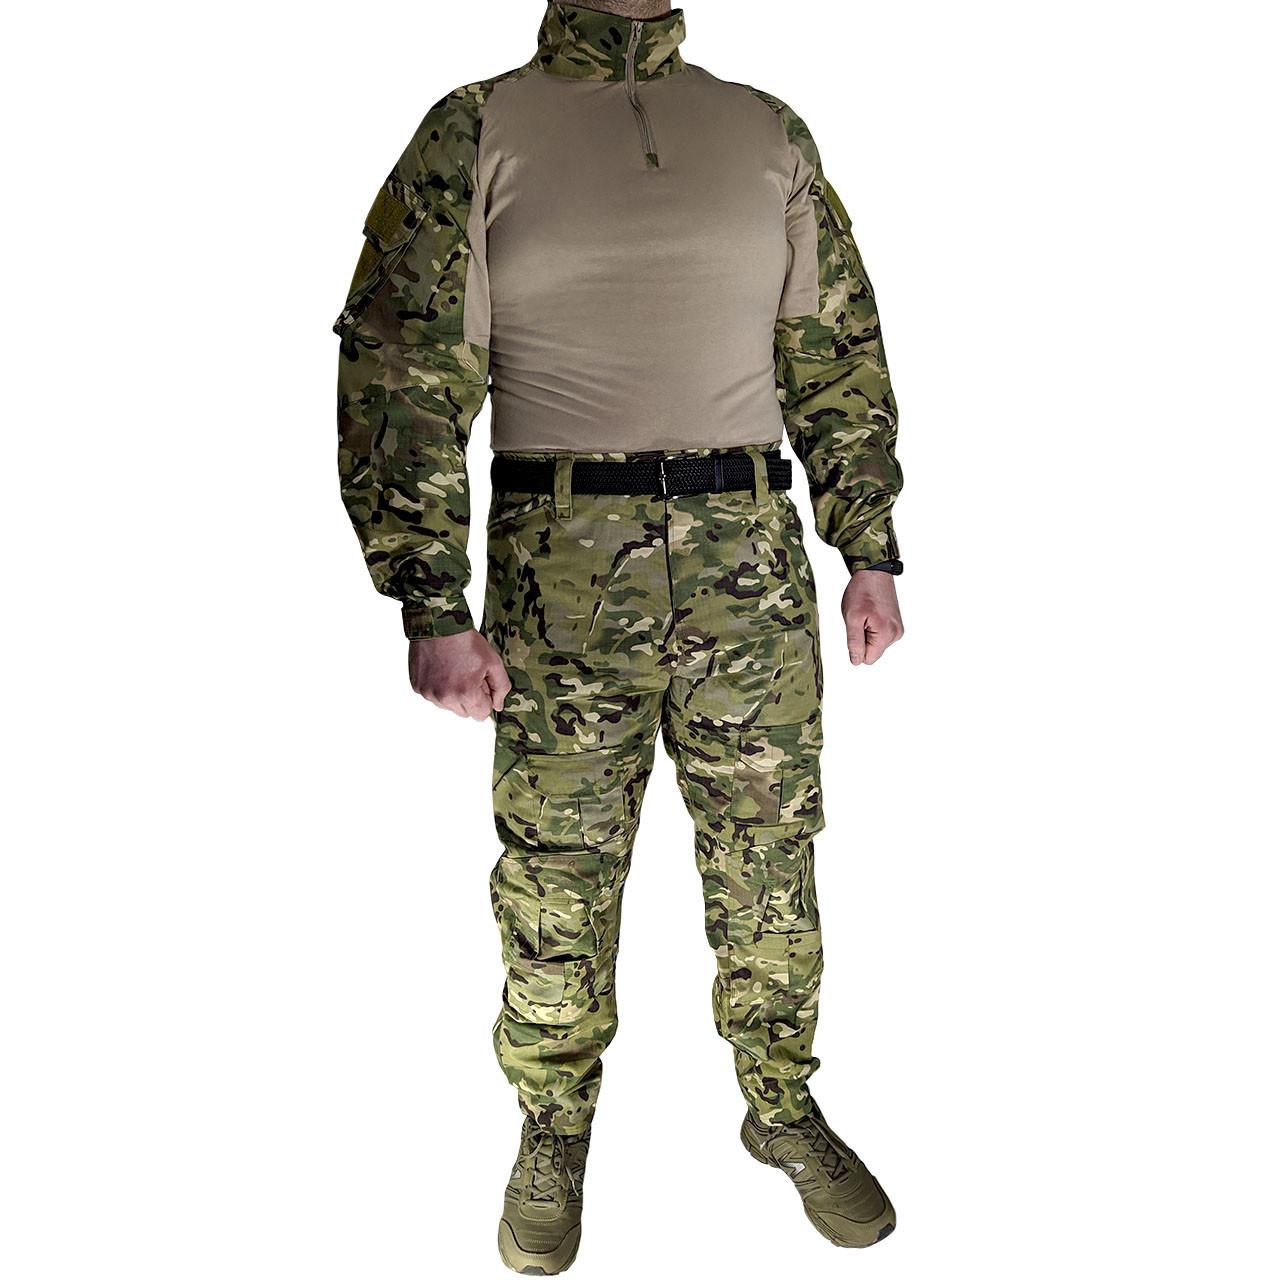 Костюм тактический Lesko A751 Camouflage XXL (38 р) камуфляжный комплект для мужчин с длинным рукавом милитари